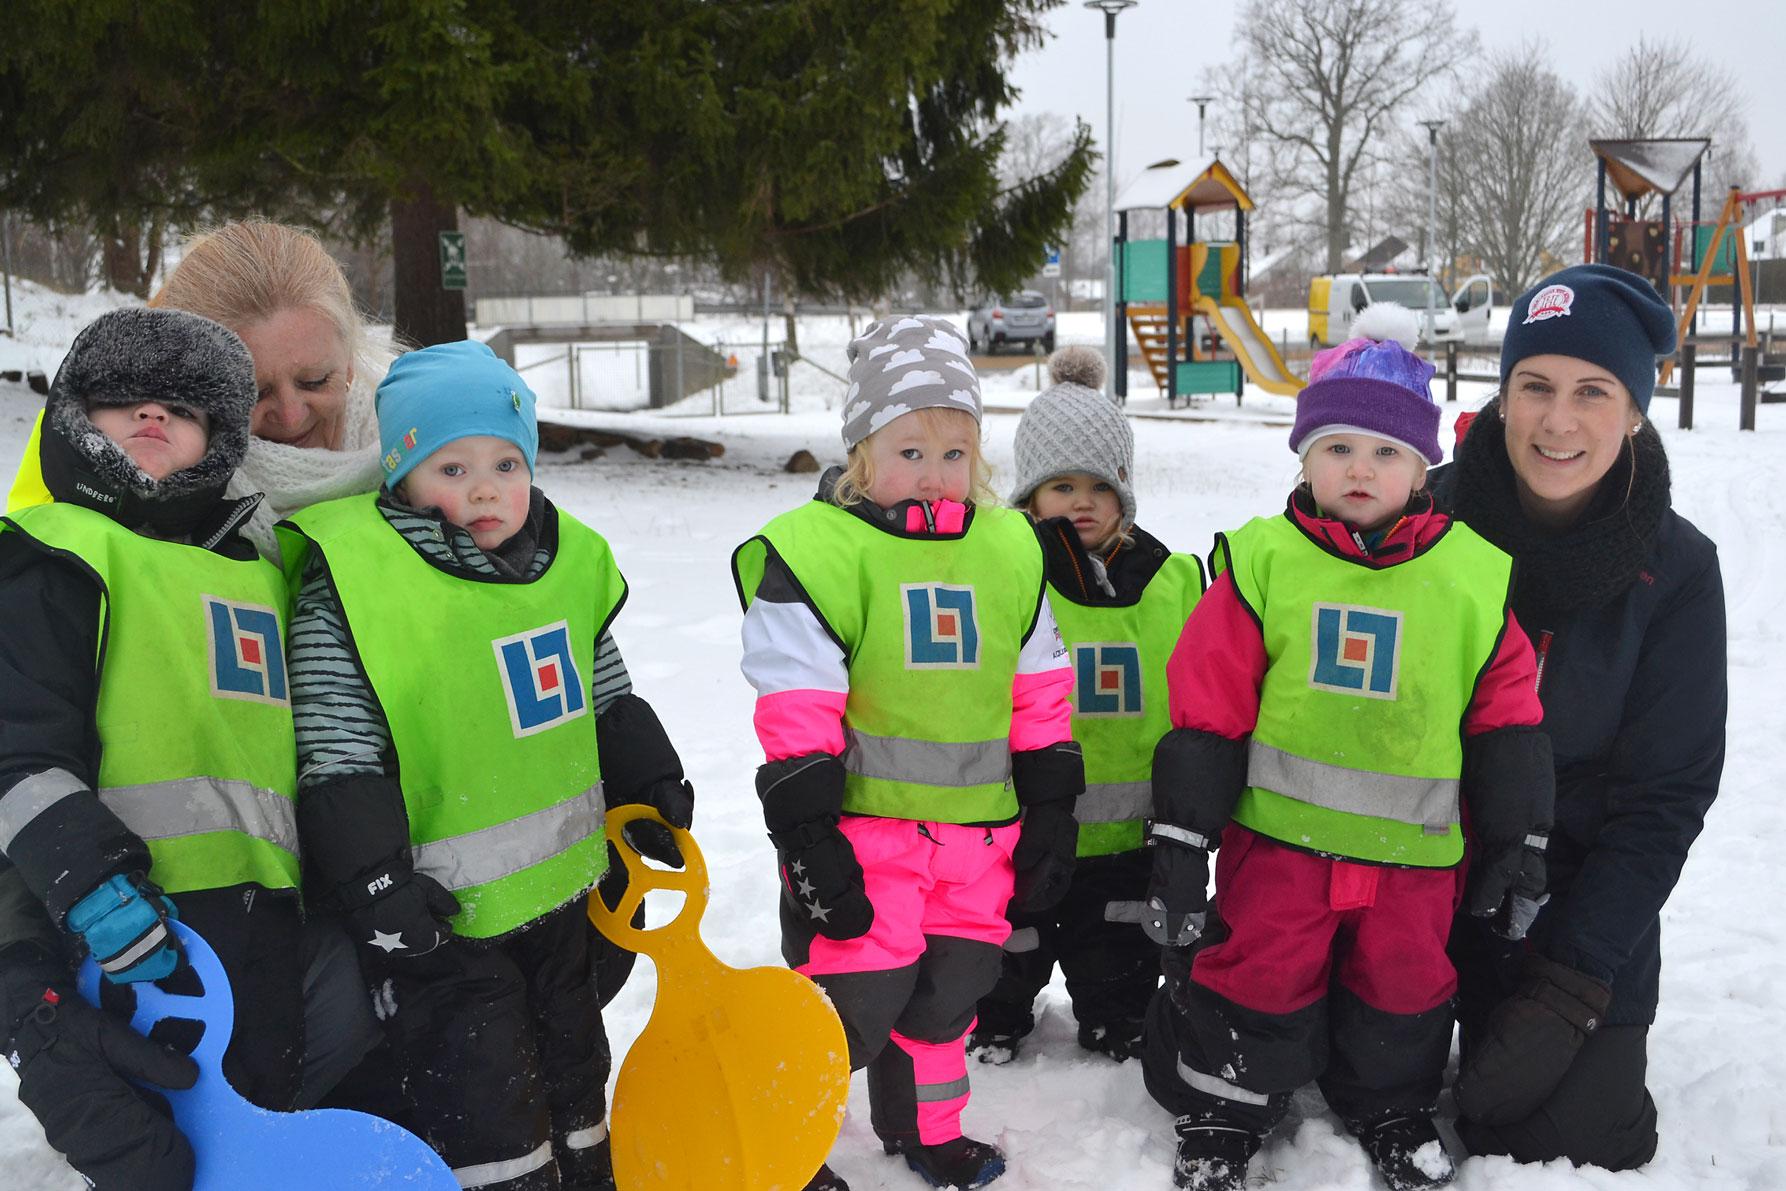 Vitsippan Simon, Gustav, Lisa, Svea och Emilia tillsammans med Moniqa och Åsa som arbetar på Snöflingan.